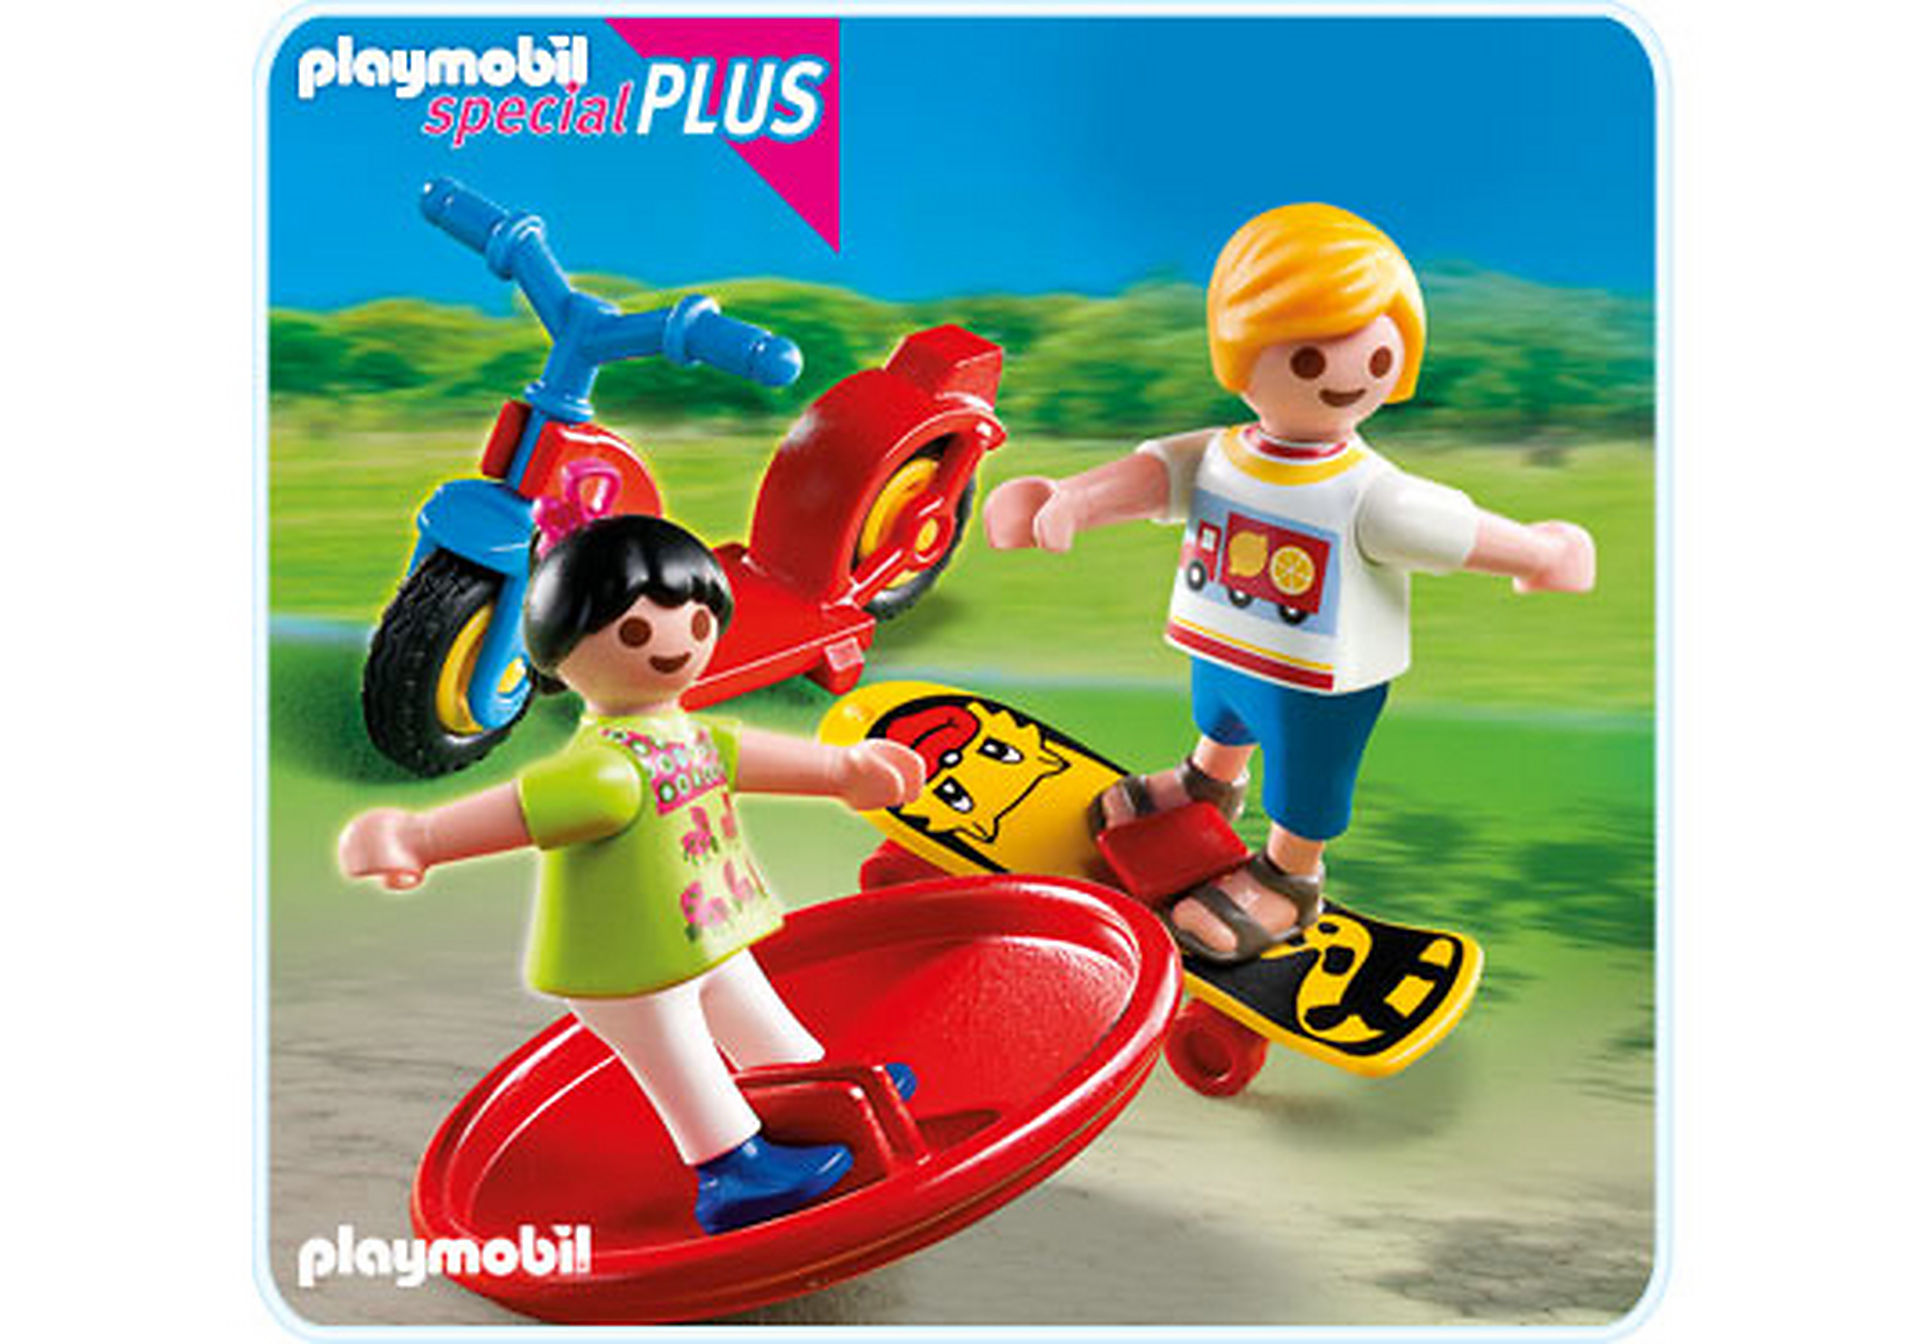 4764-A 2 Kinder mit Spielgeräten zoom image1